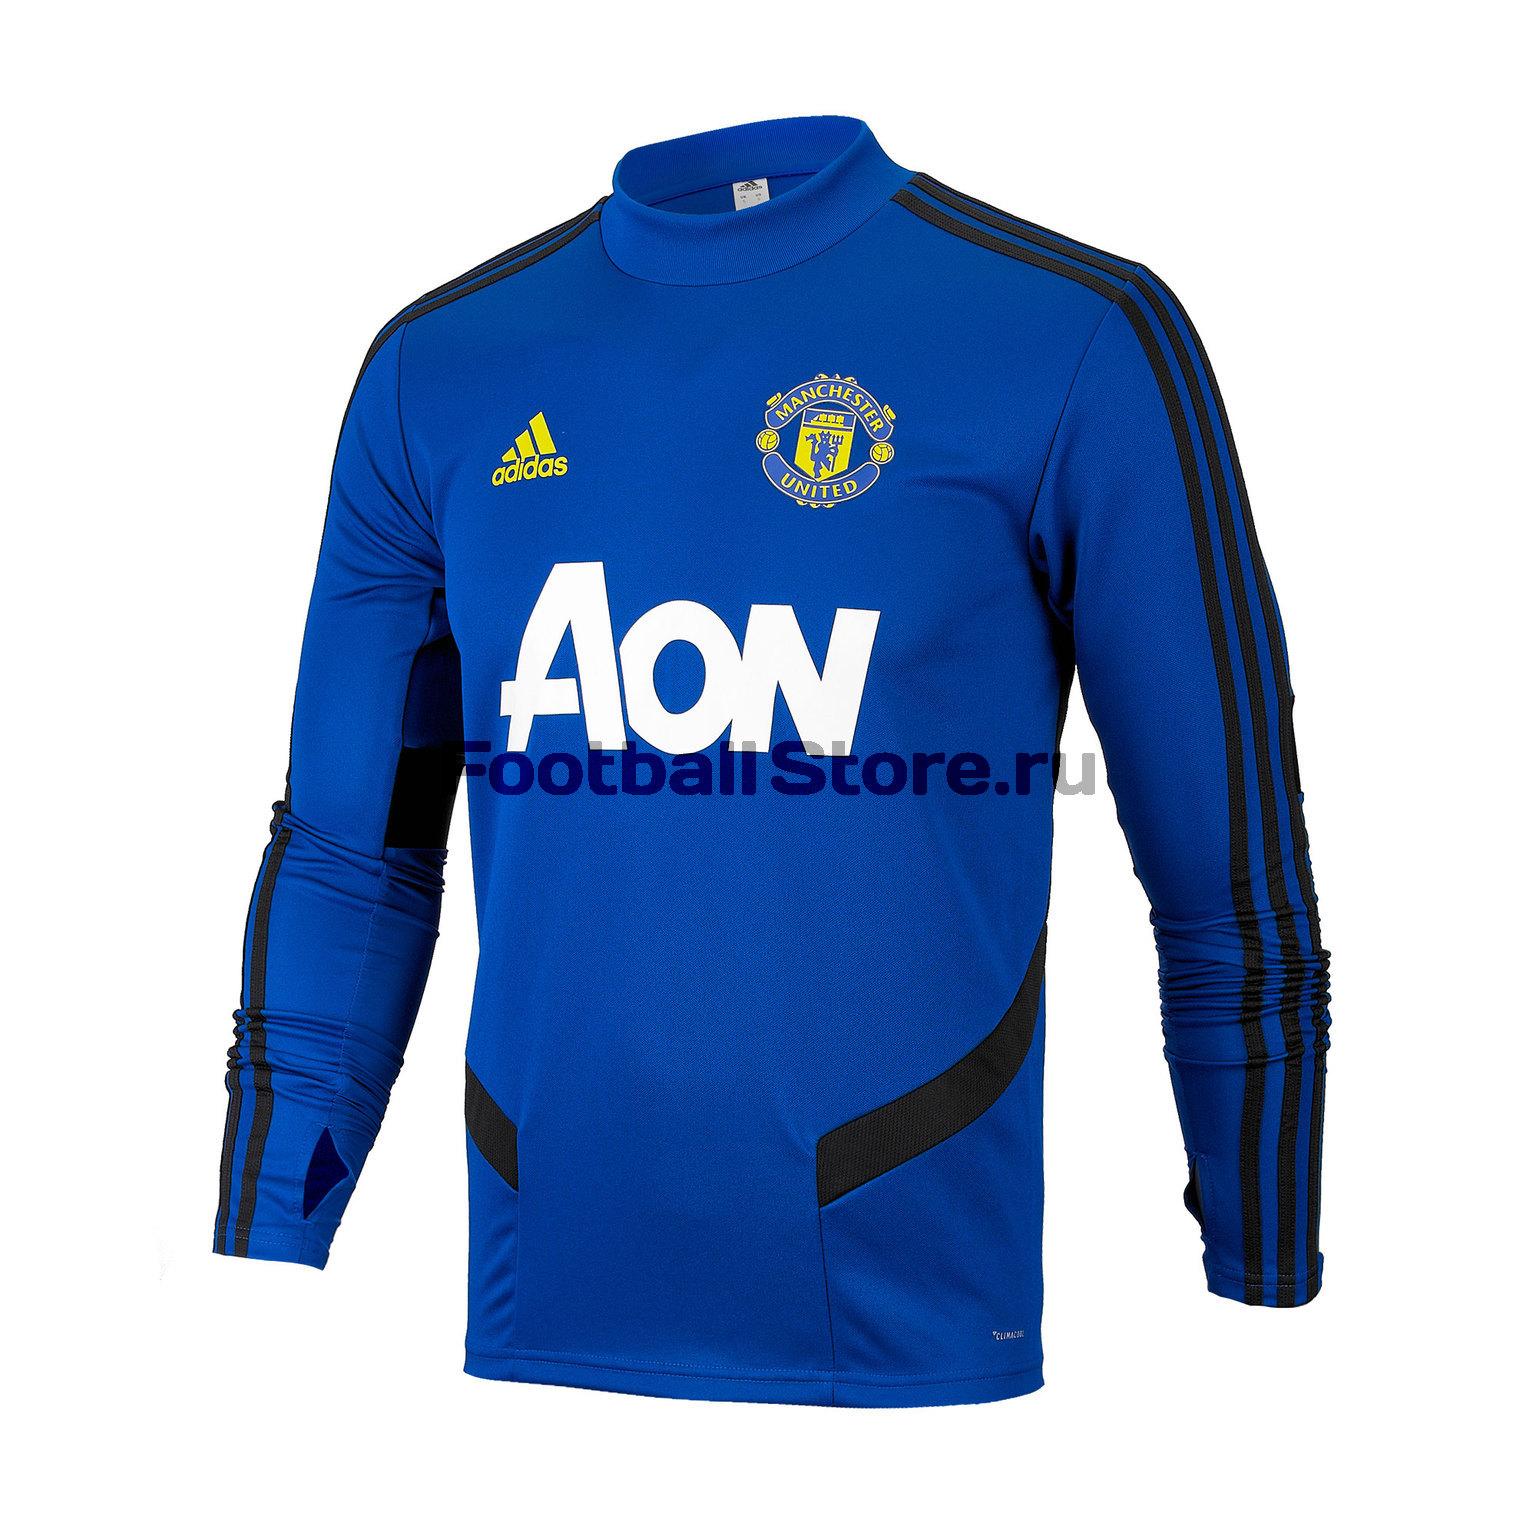 Свитер тренировочный Adidas Manchester United DX9036 шарф болельщика adidas manchester united scarf cy5578